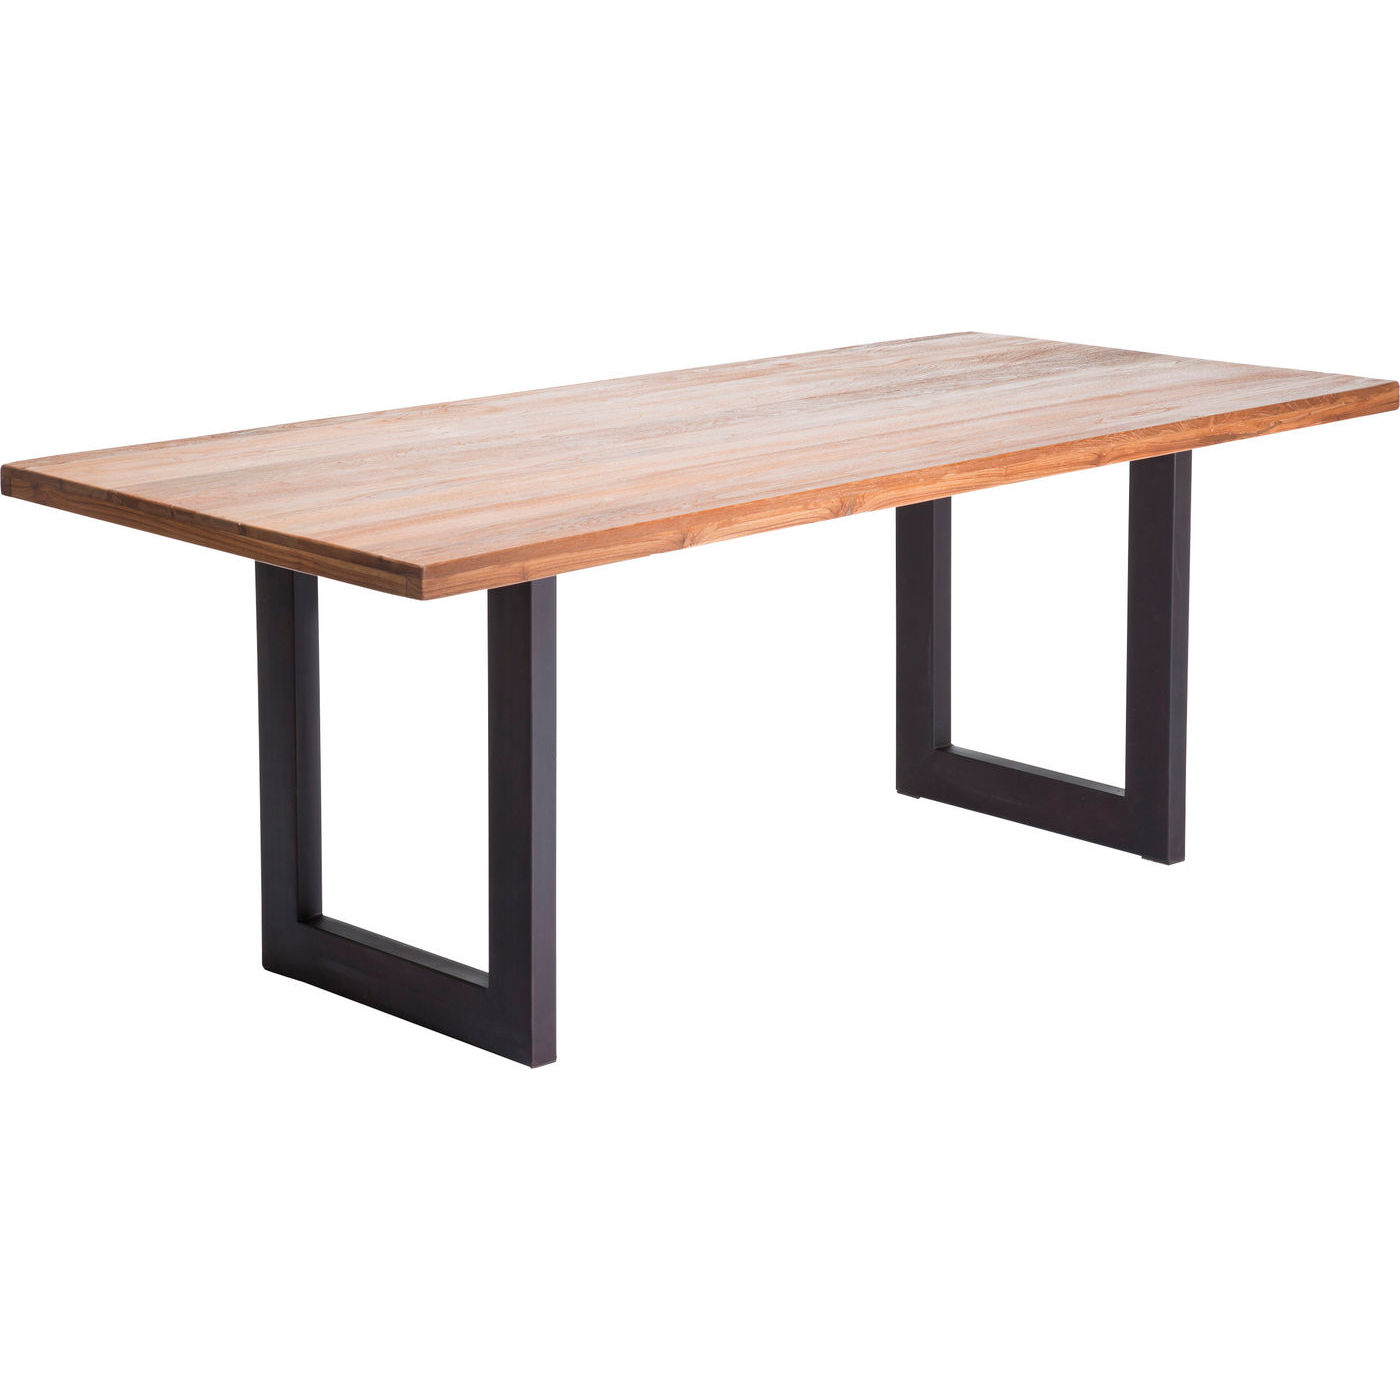 Kare design factory spisebord - natur træ m. stål stel, 200x90